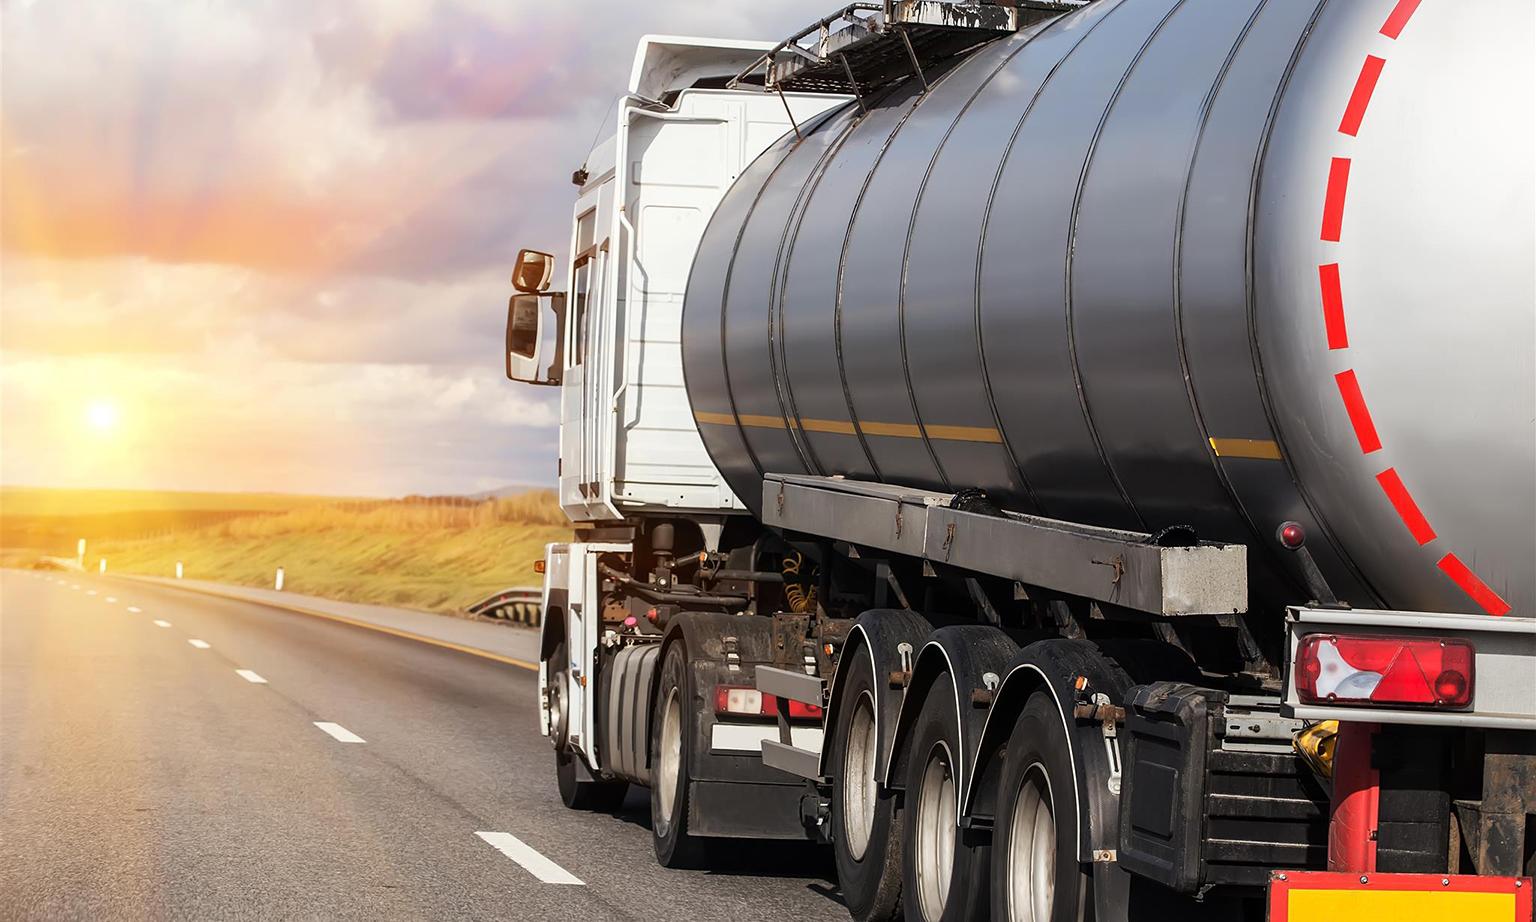 Legislação exige que máquinas agrícolas tenham motores com menor emissão de poluentes